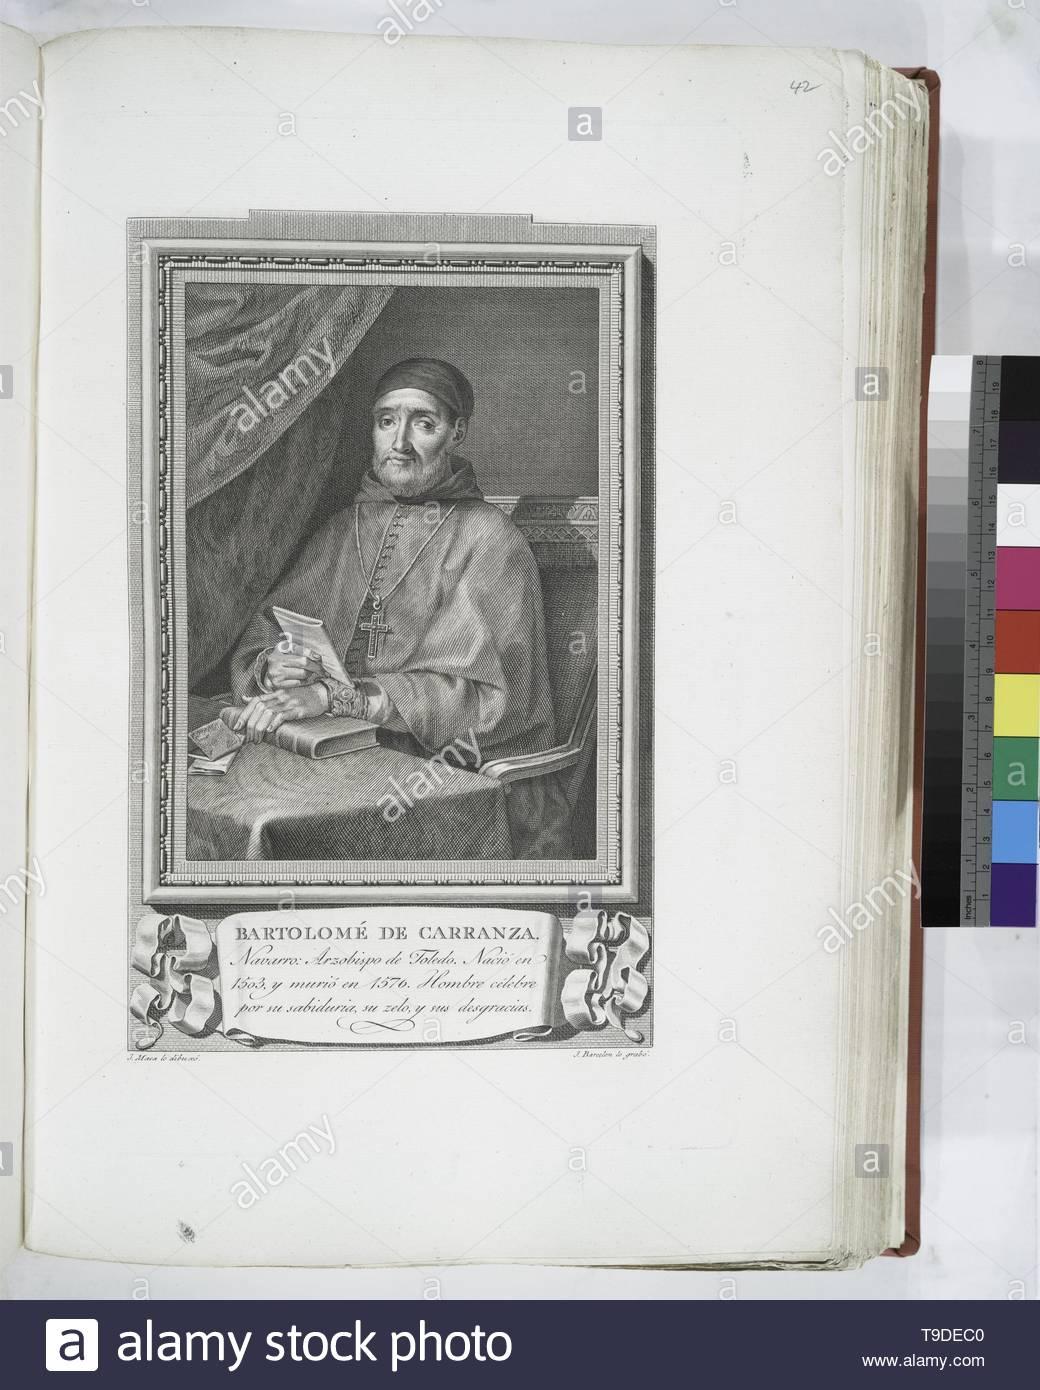 Maea,José(1759-1826)-Bartolomé de Carranza - Stock Image